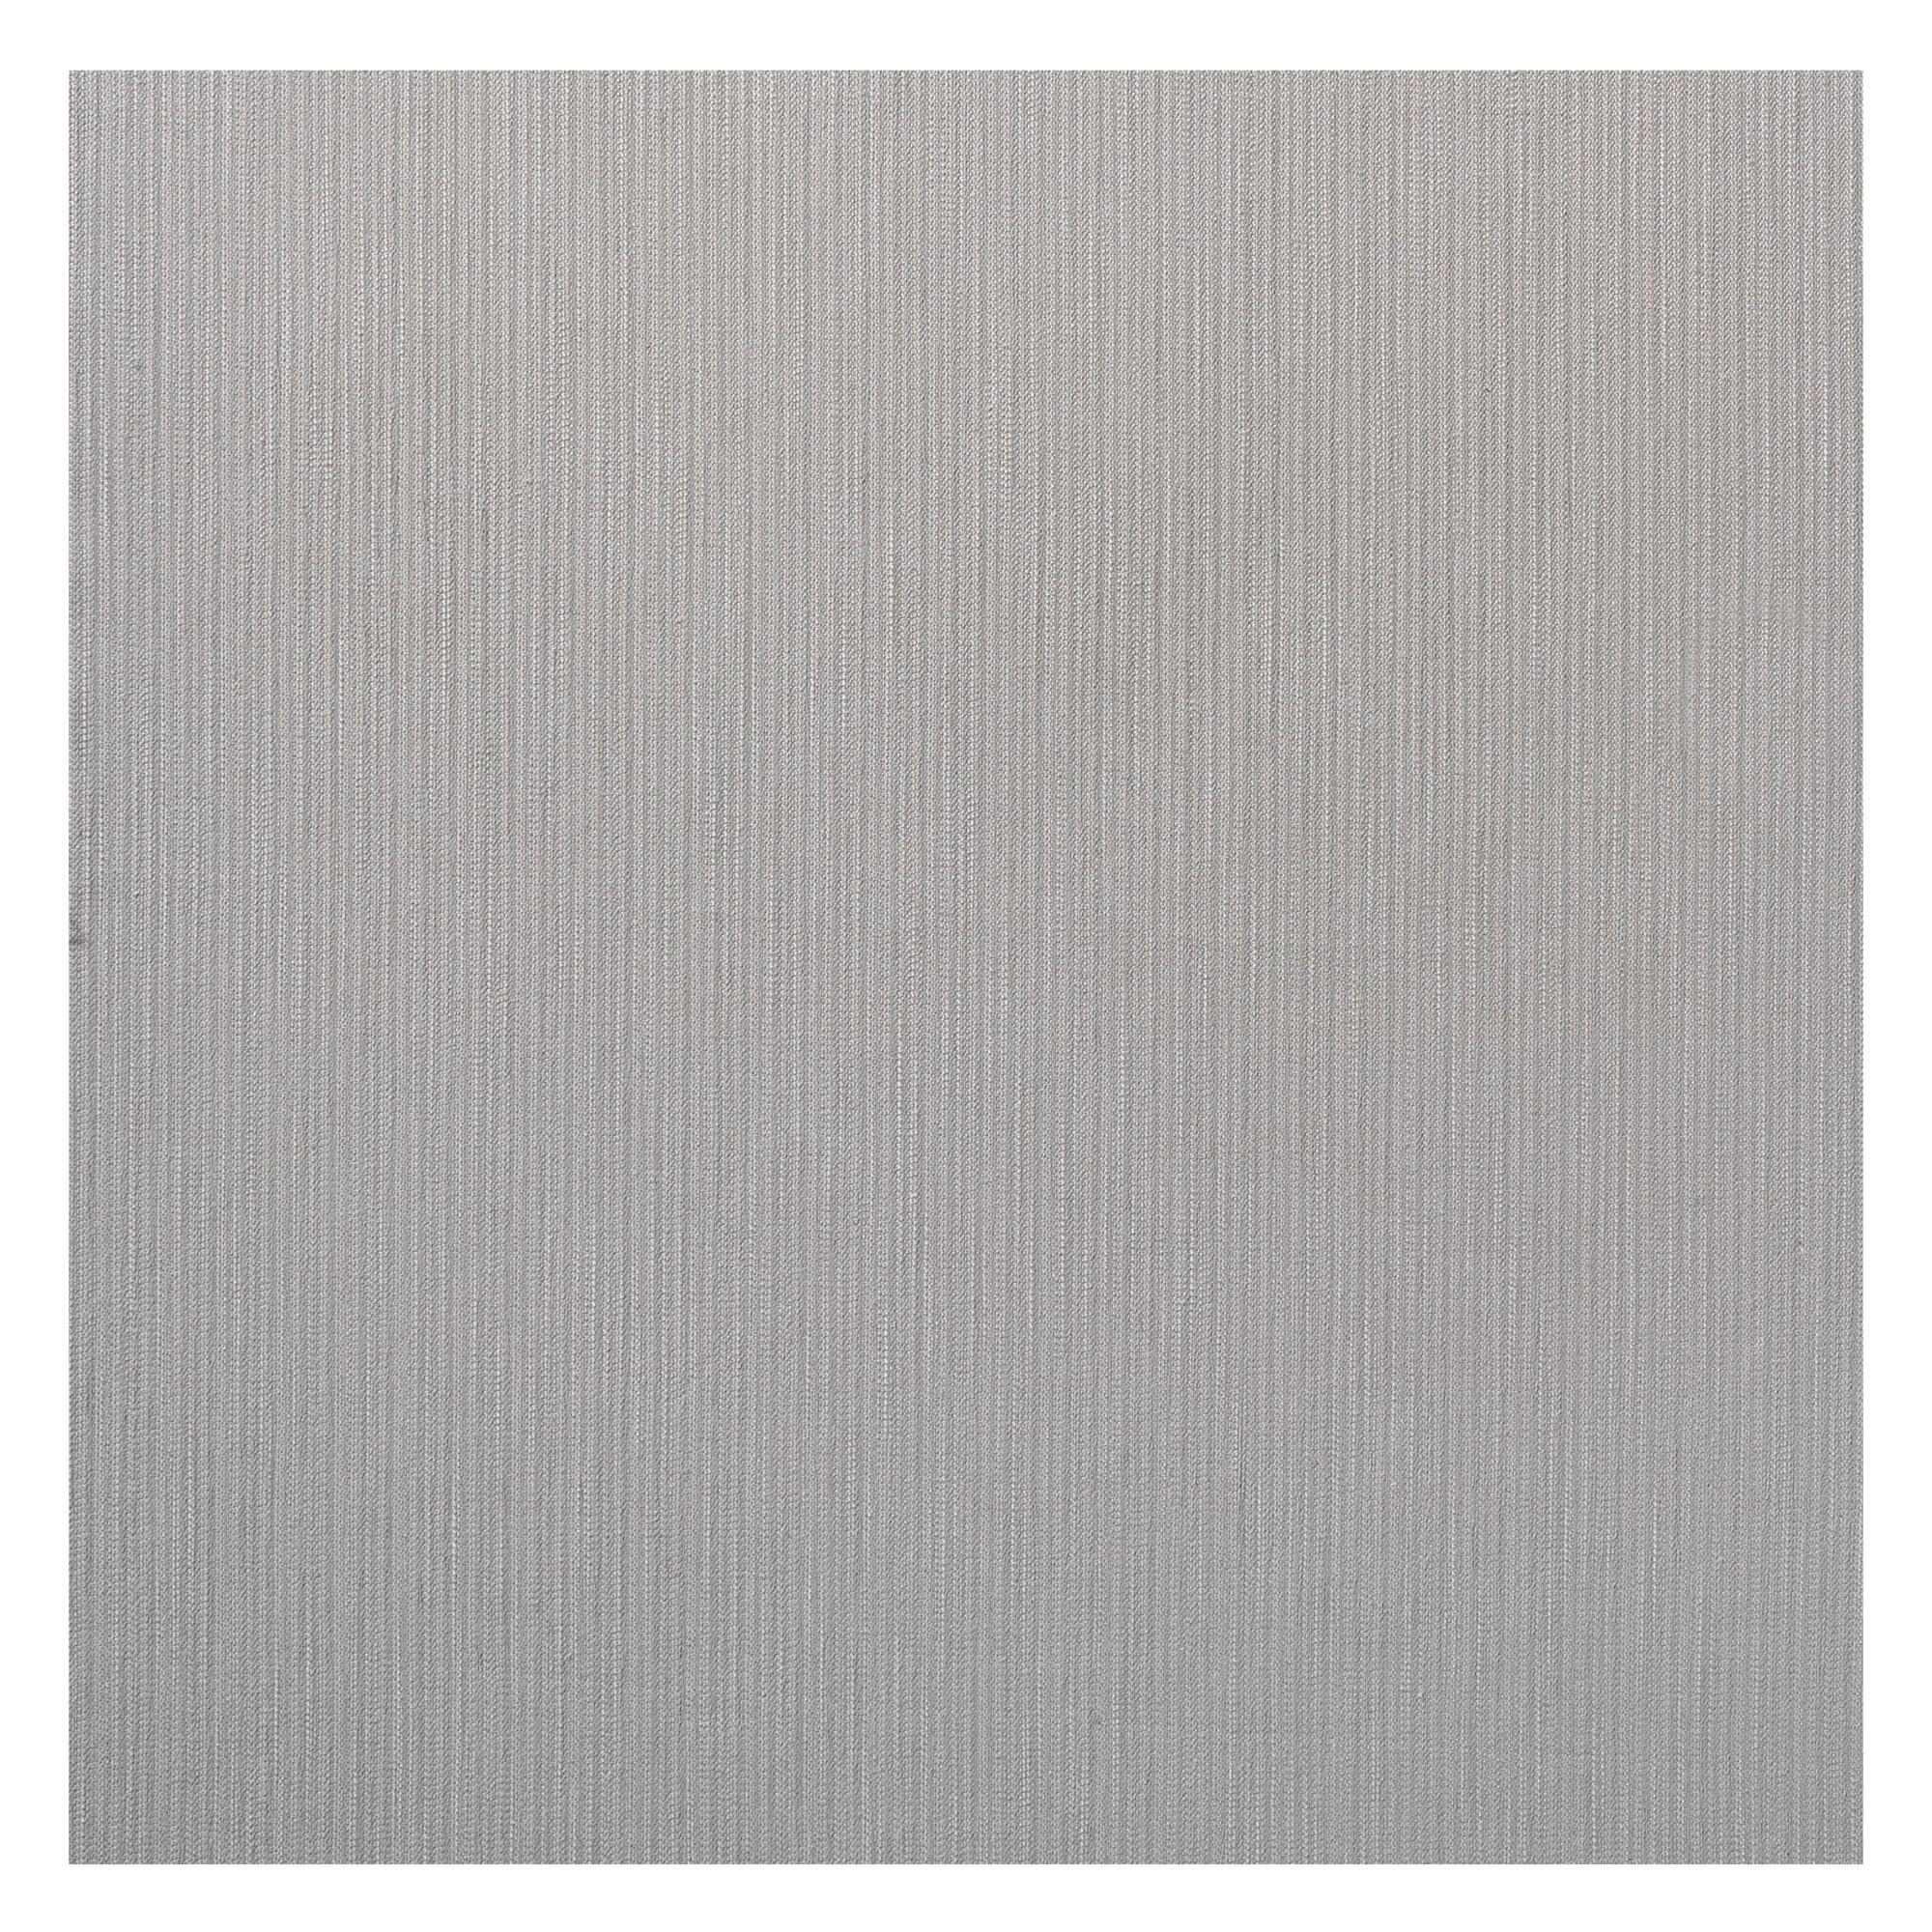 John Lewis Theo Woven Stripe Fabric